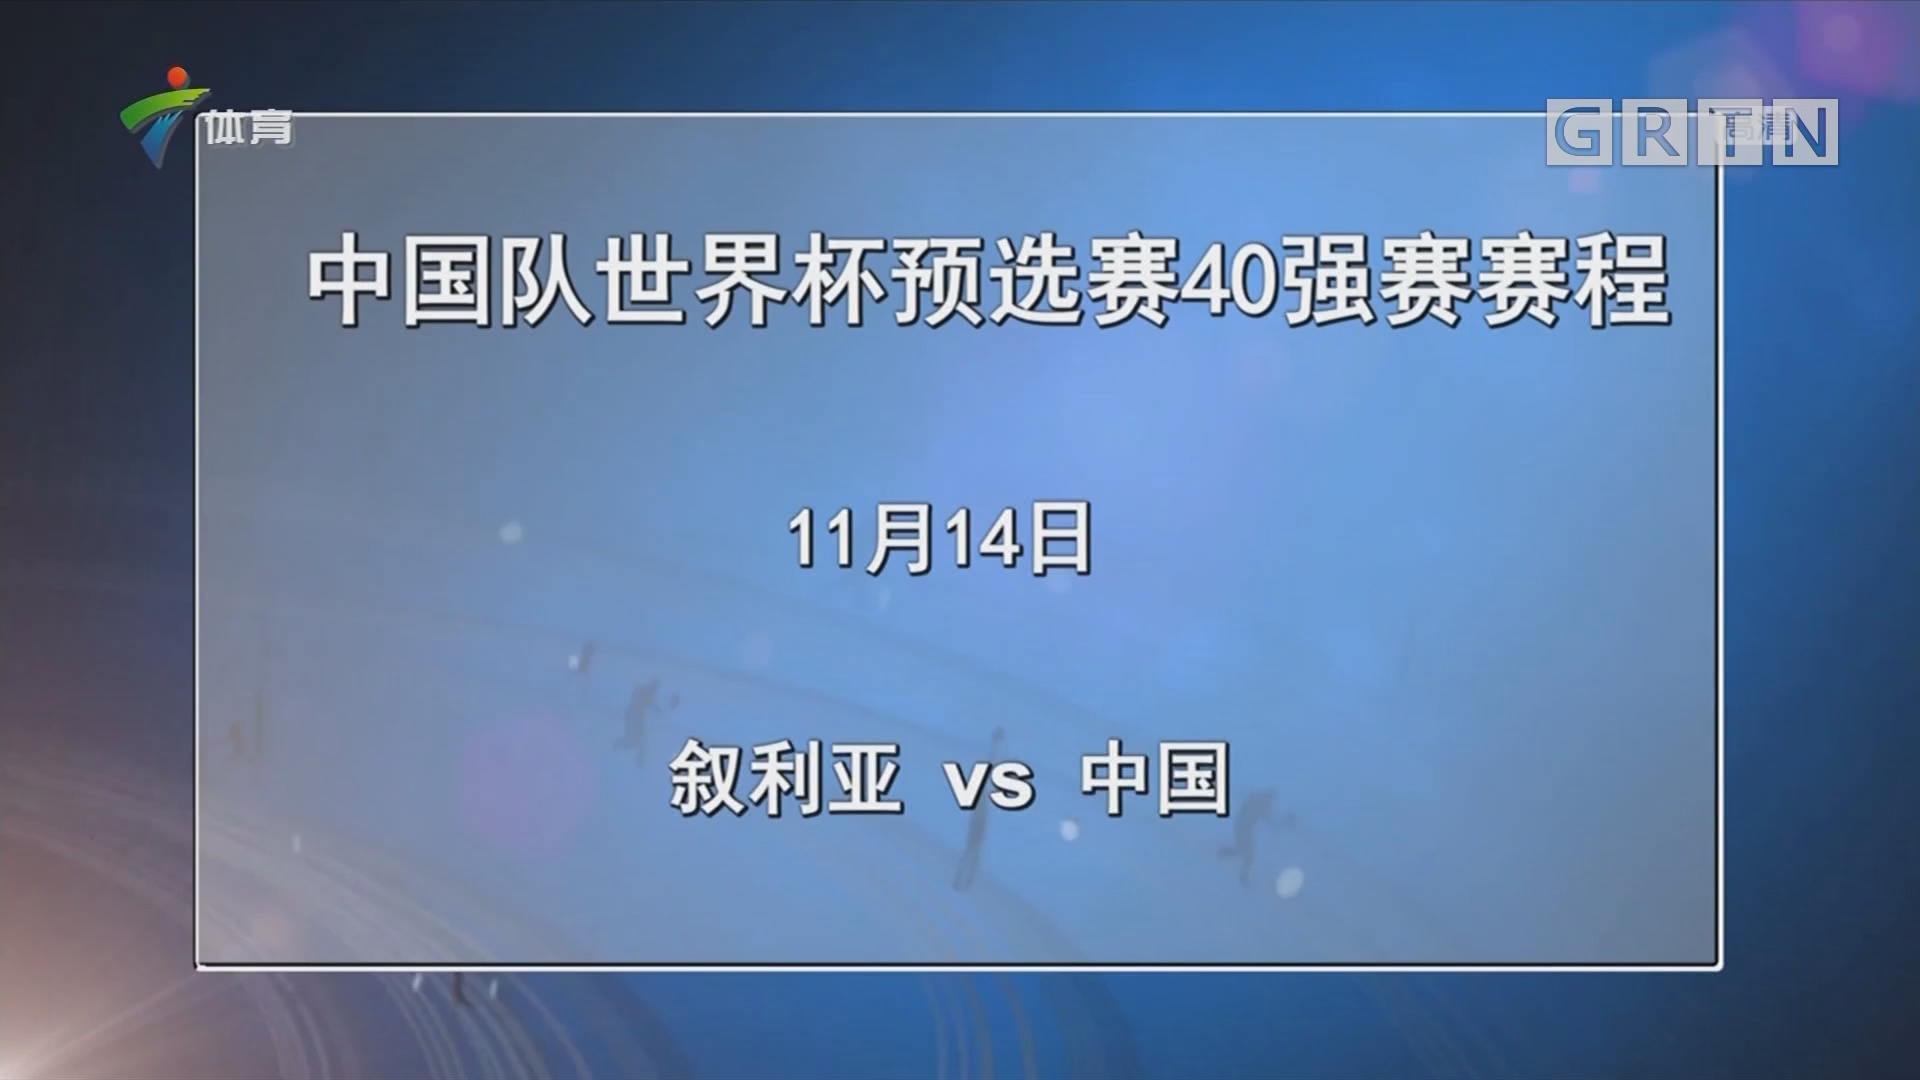 中国队世界杯预选赛40强赛赛程